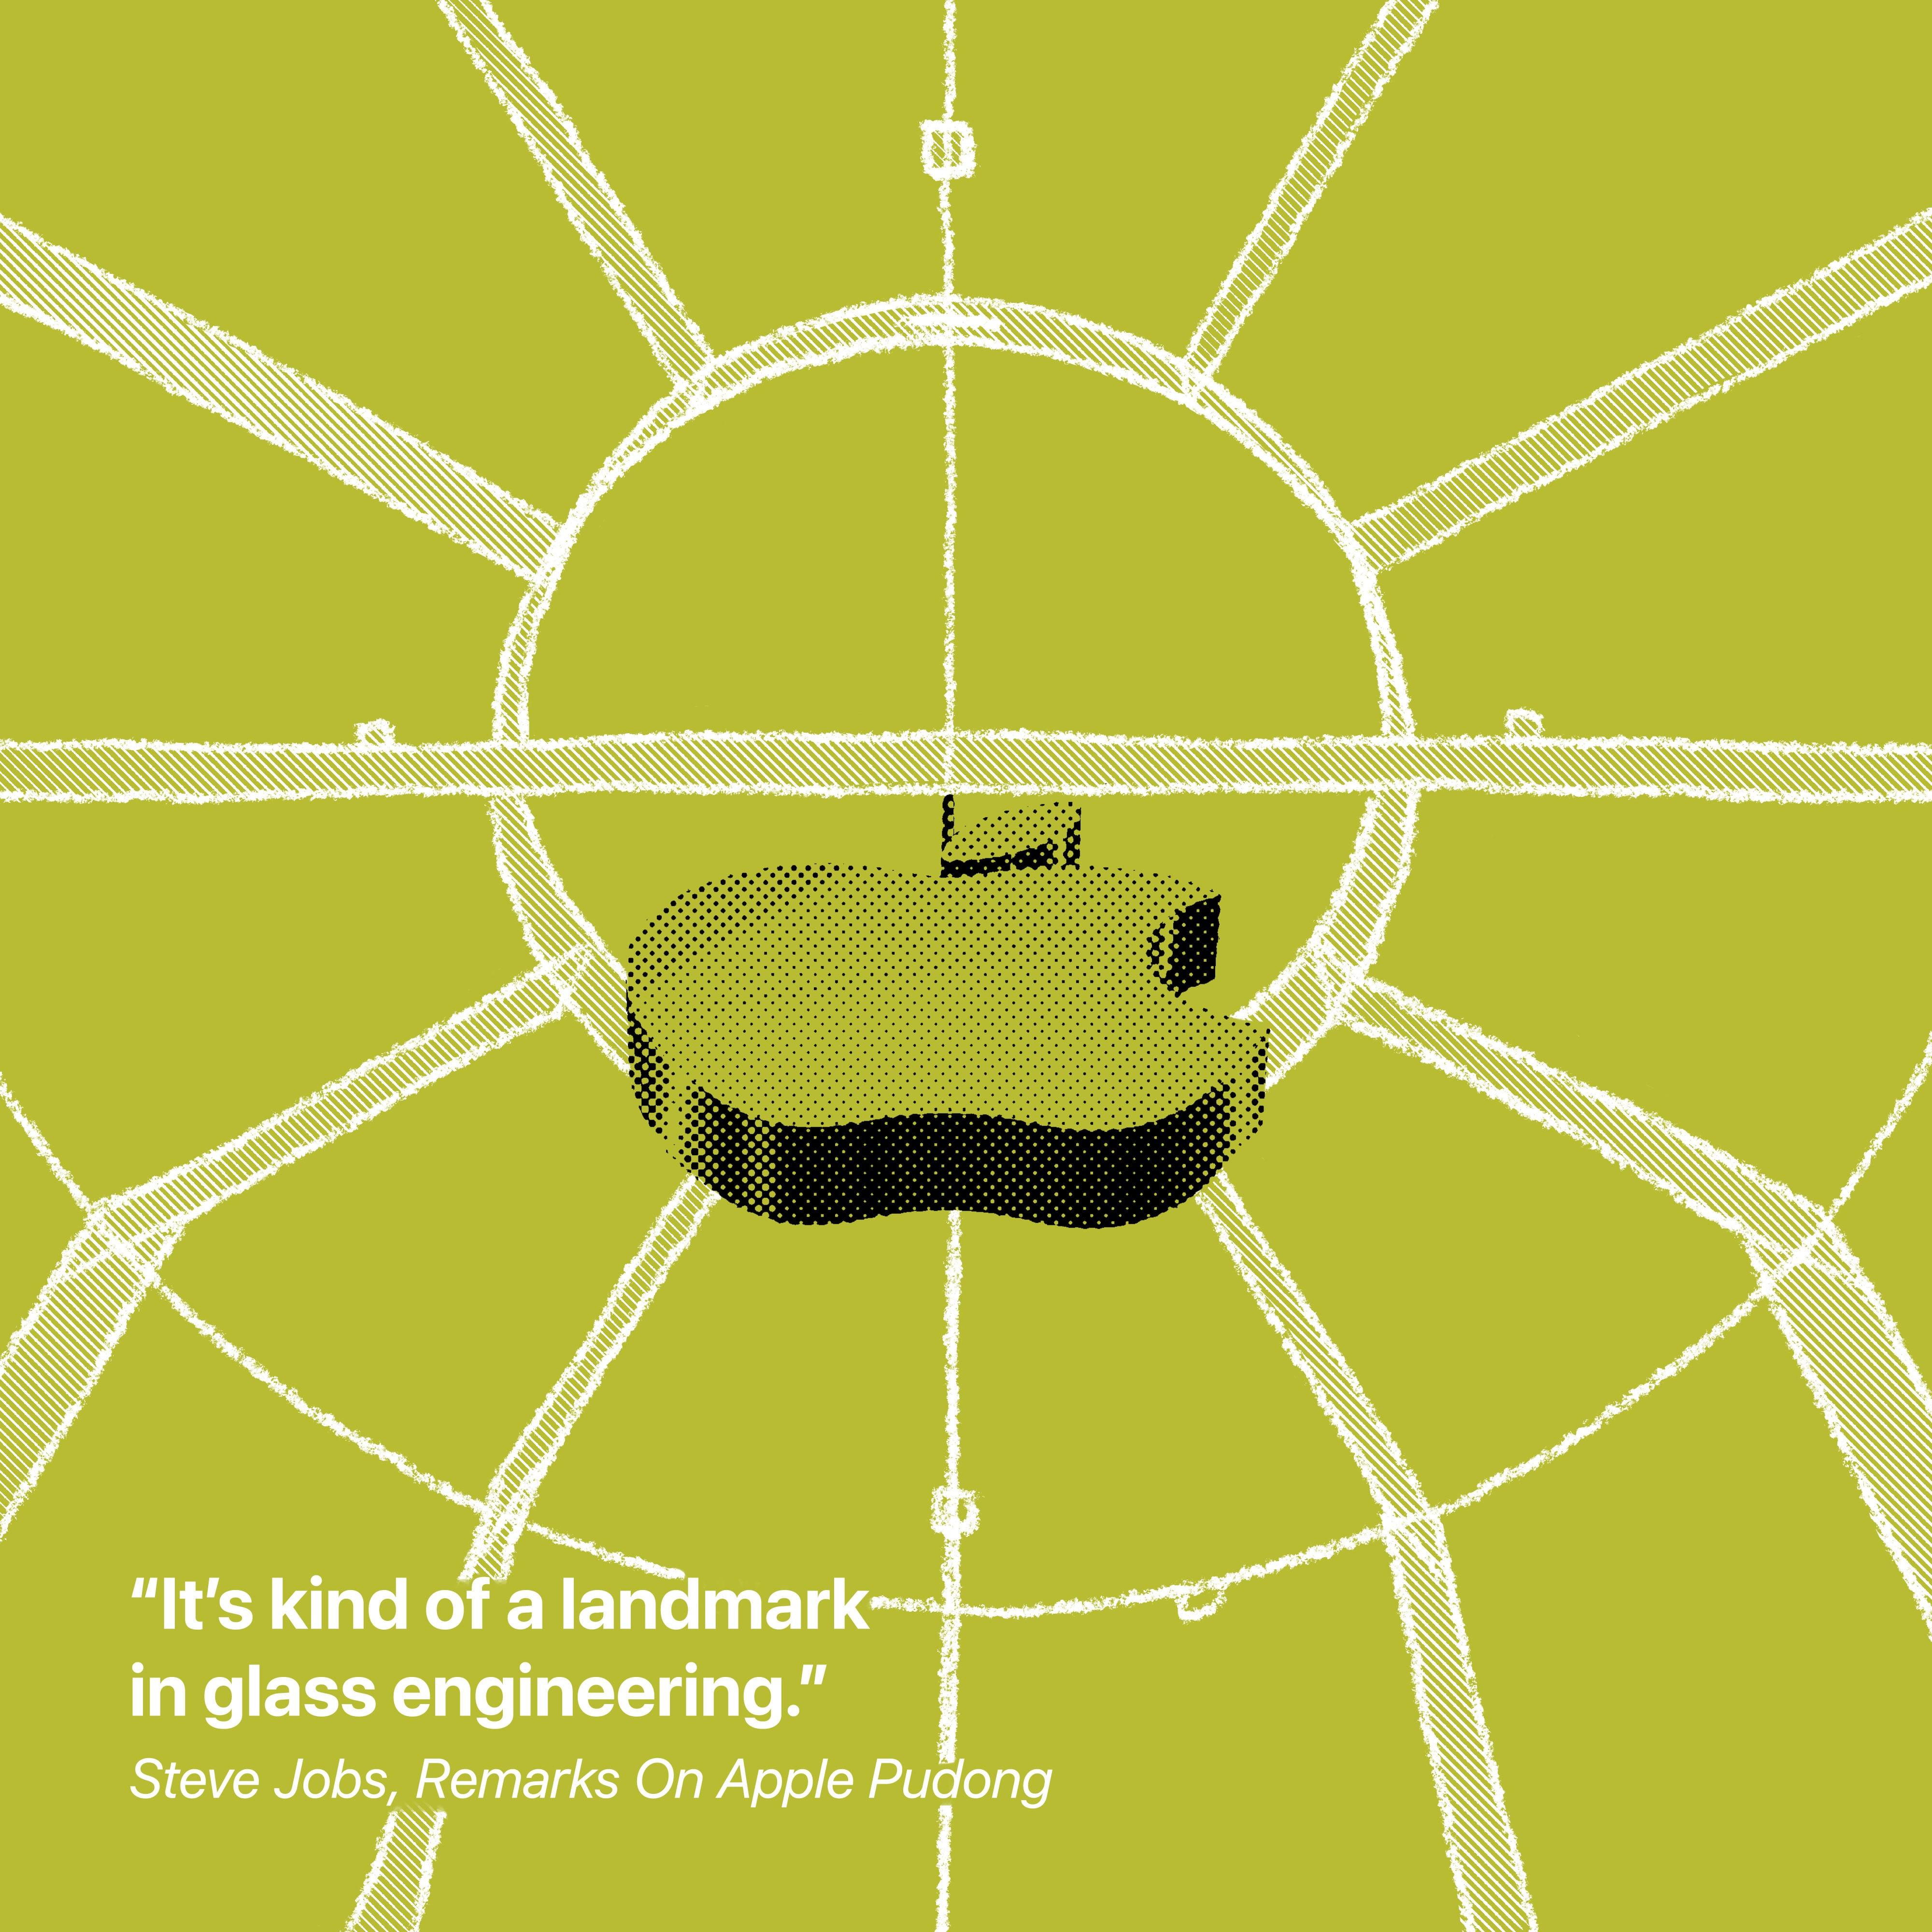 """""""C'est en quelque sorte un point de repère dans l'ingénierie du verre."""" Steve Jobs, remarques sur Apple Pudong"""